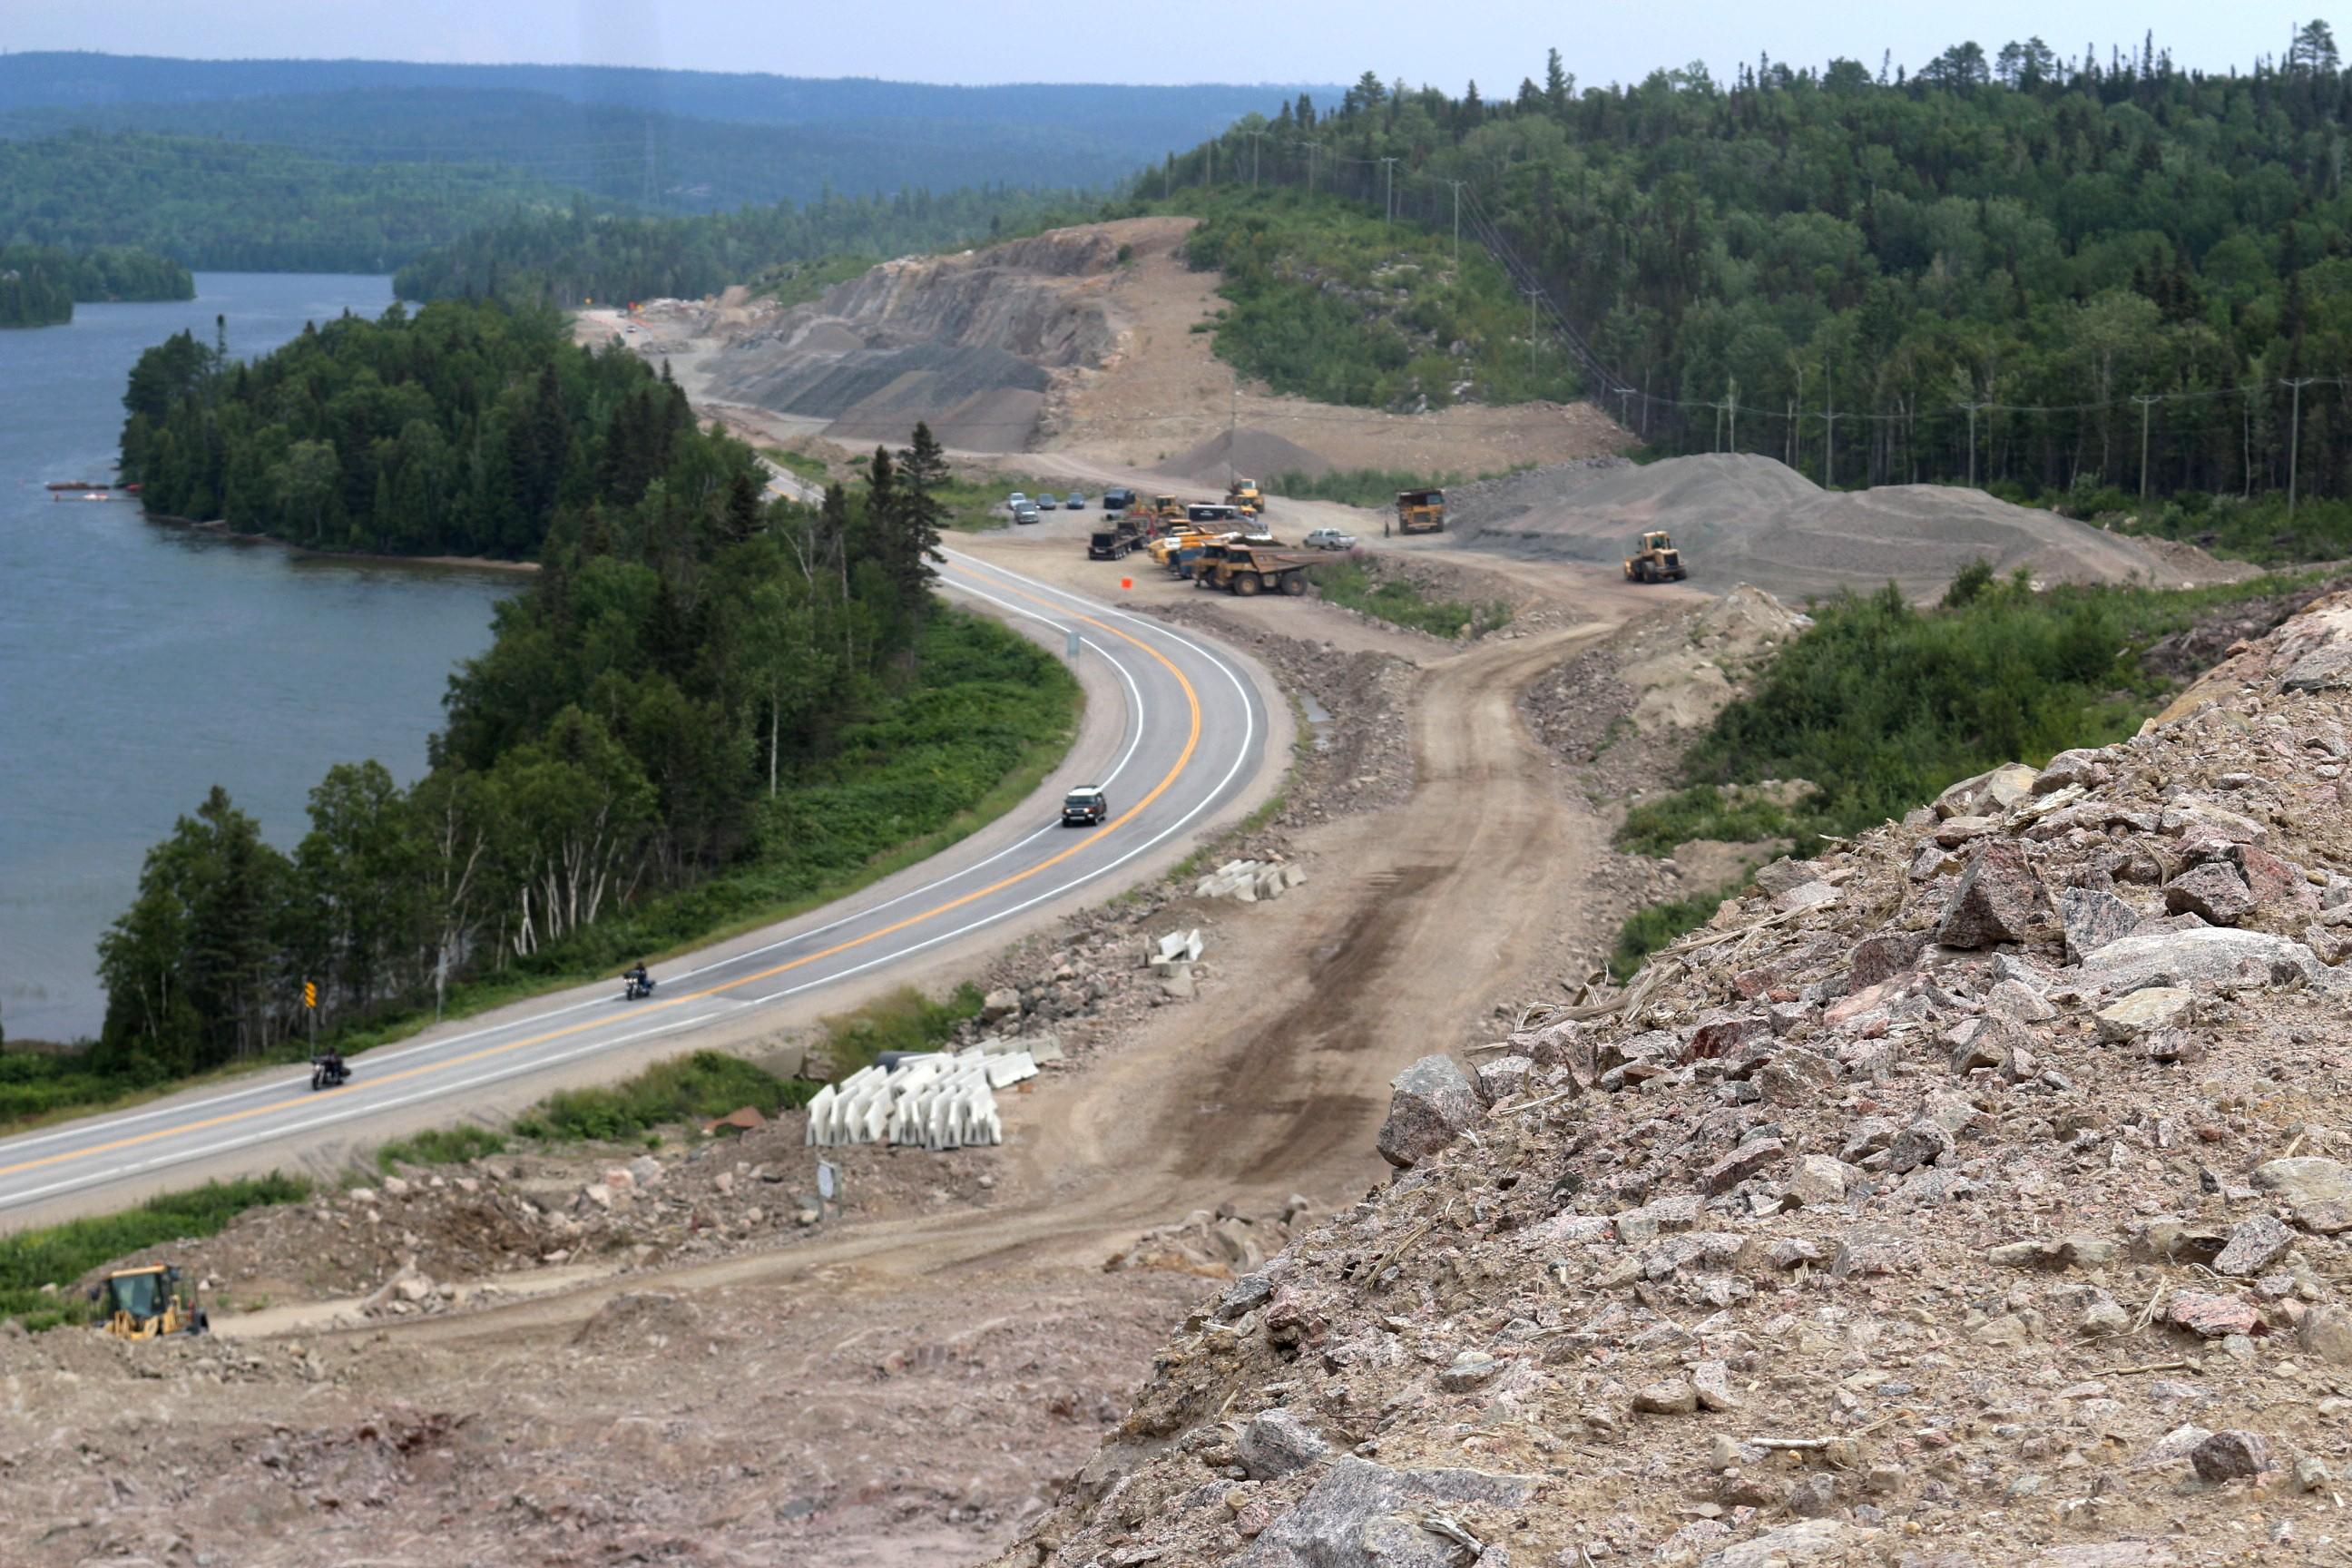 Construire Pres D Un Ruisseau les bergeronnes : les travaux de reconstruction de la 138